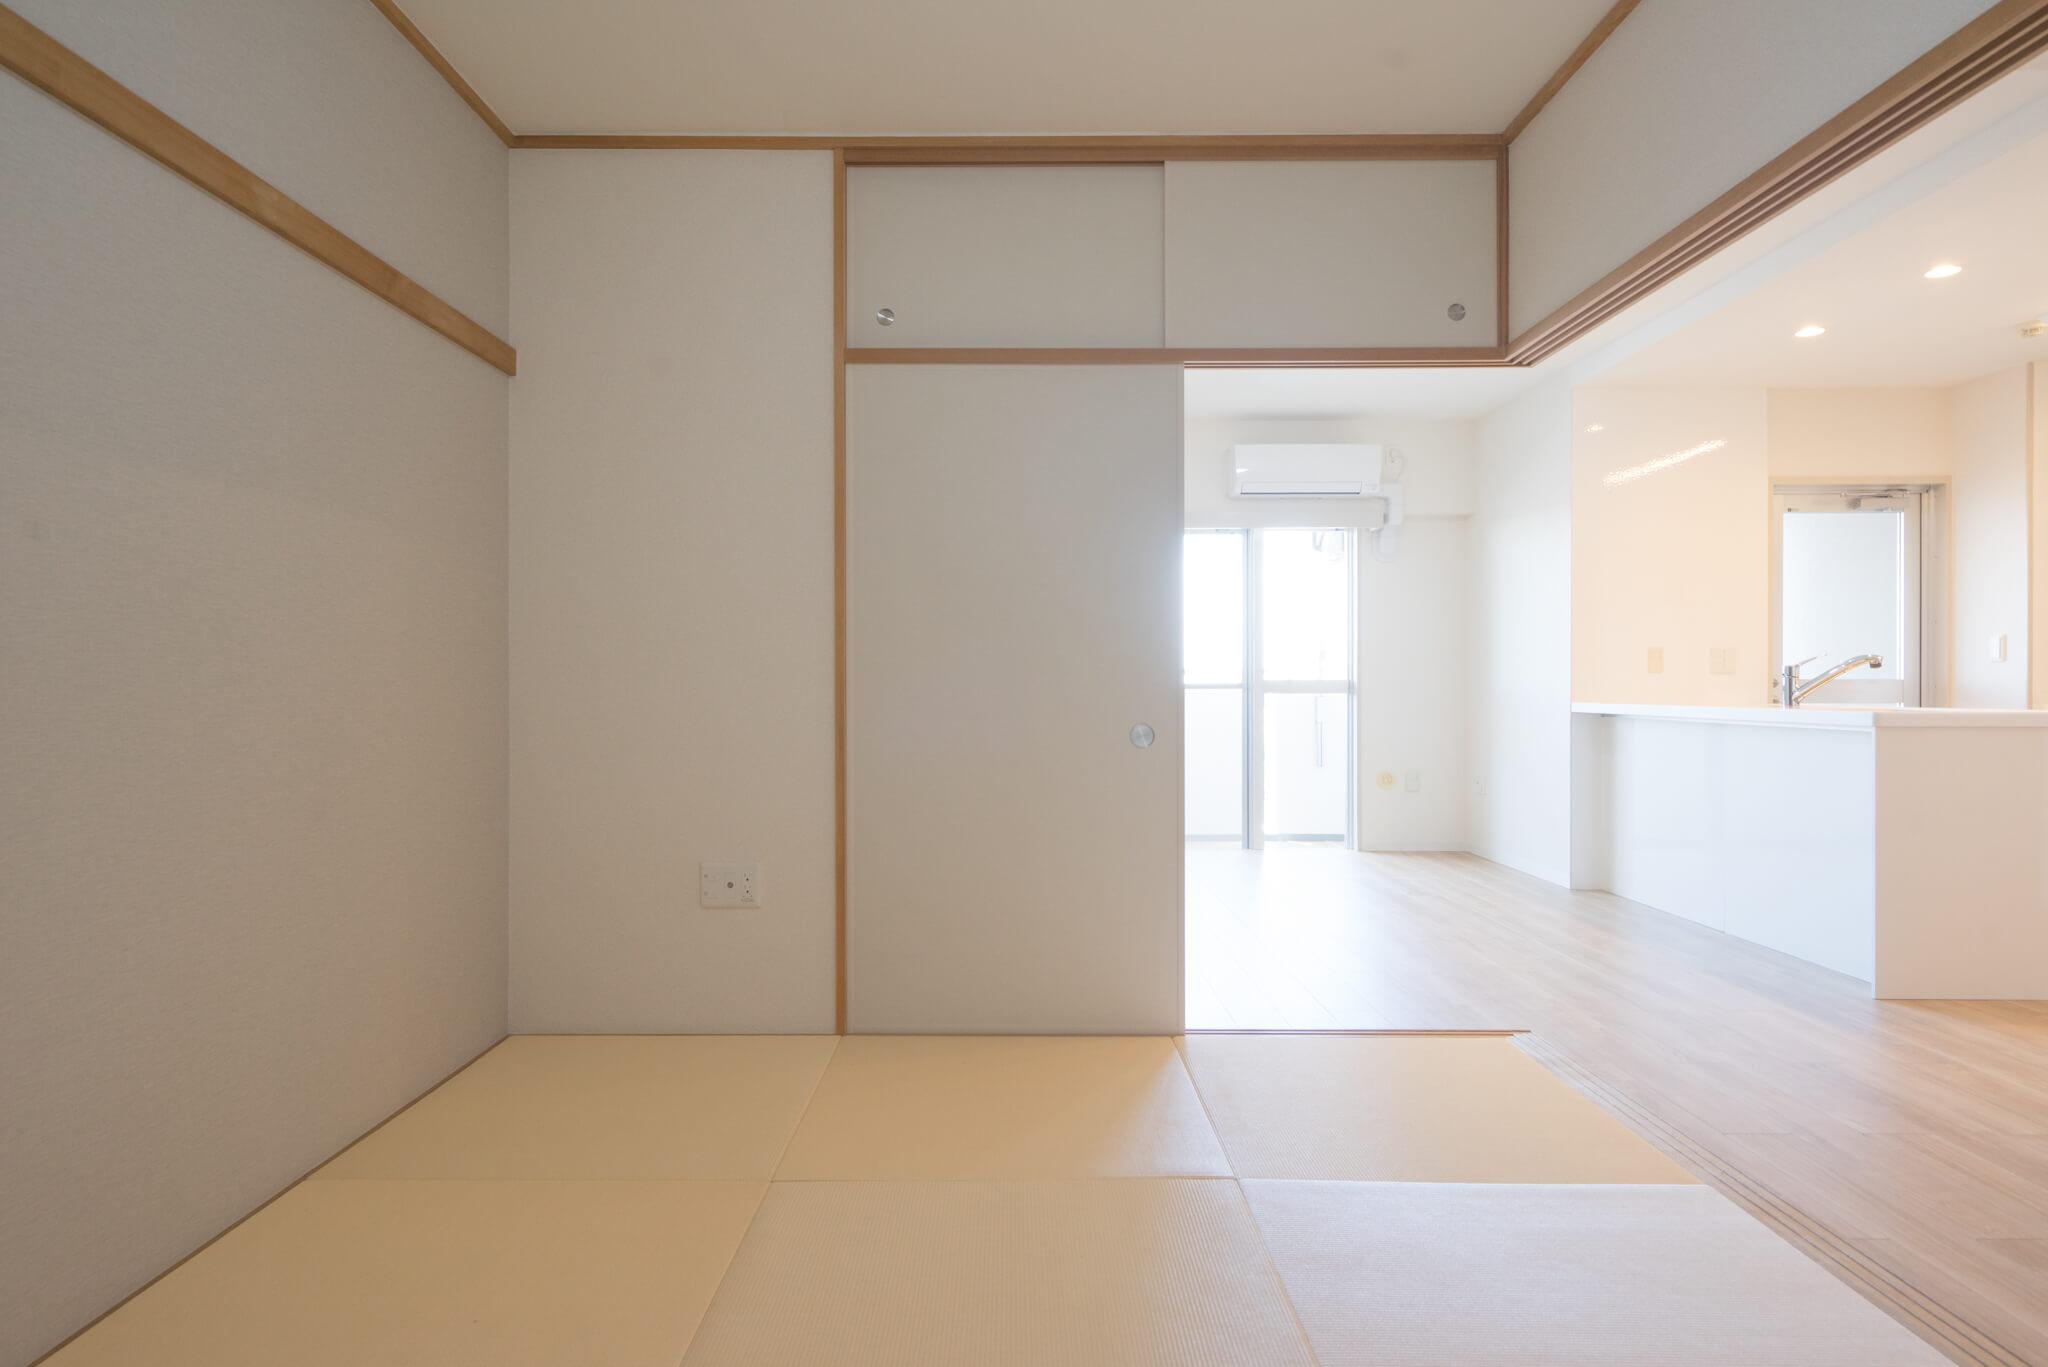 キッチンで作業をしていてもしっかり目の届く位置に、ちょこっと畳のスペース。